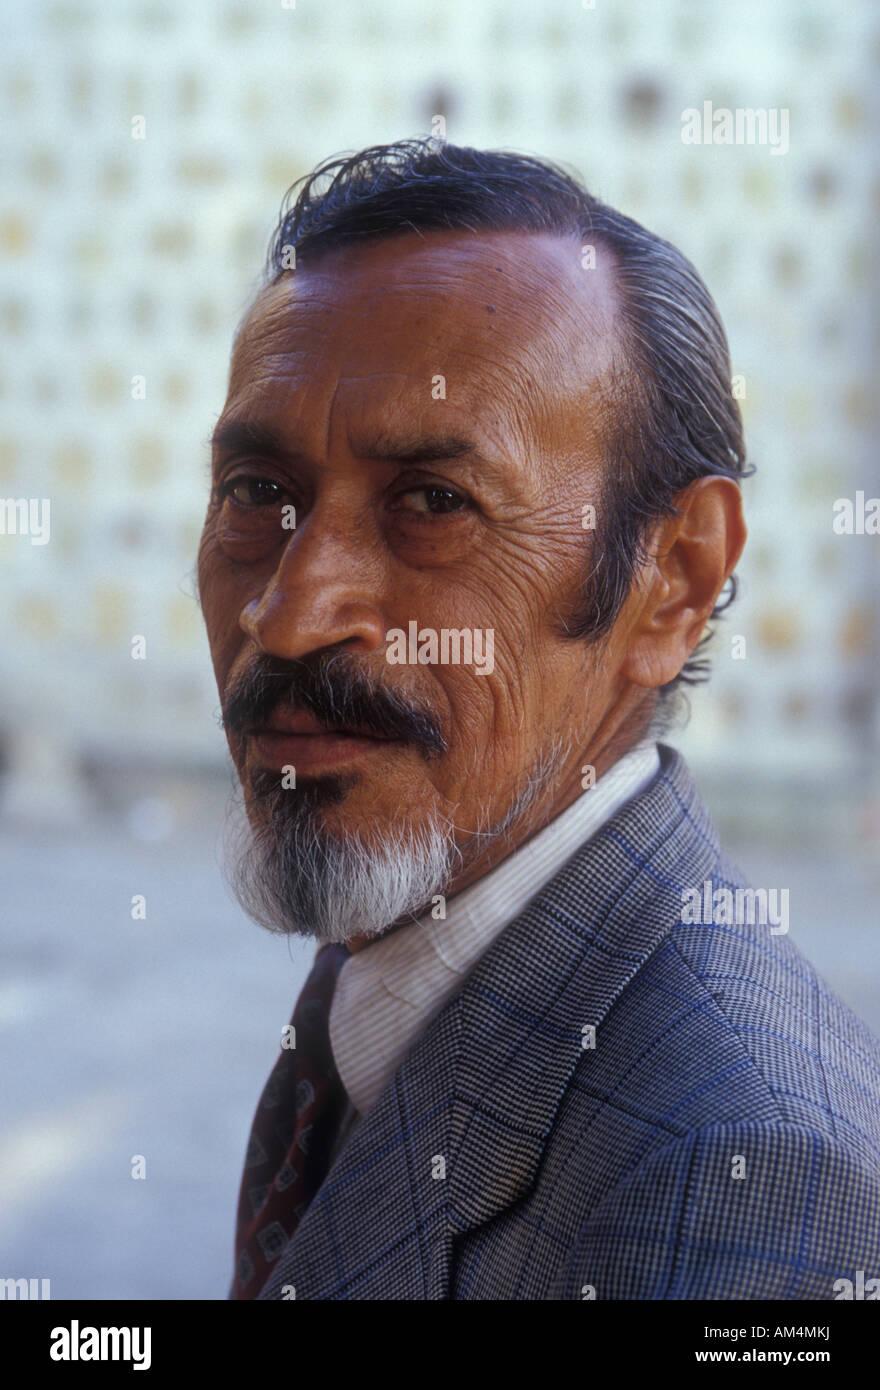 Man man mature old